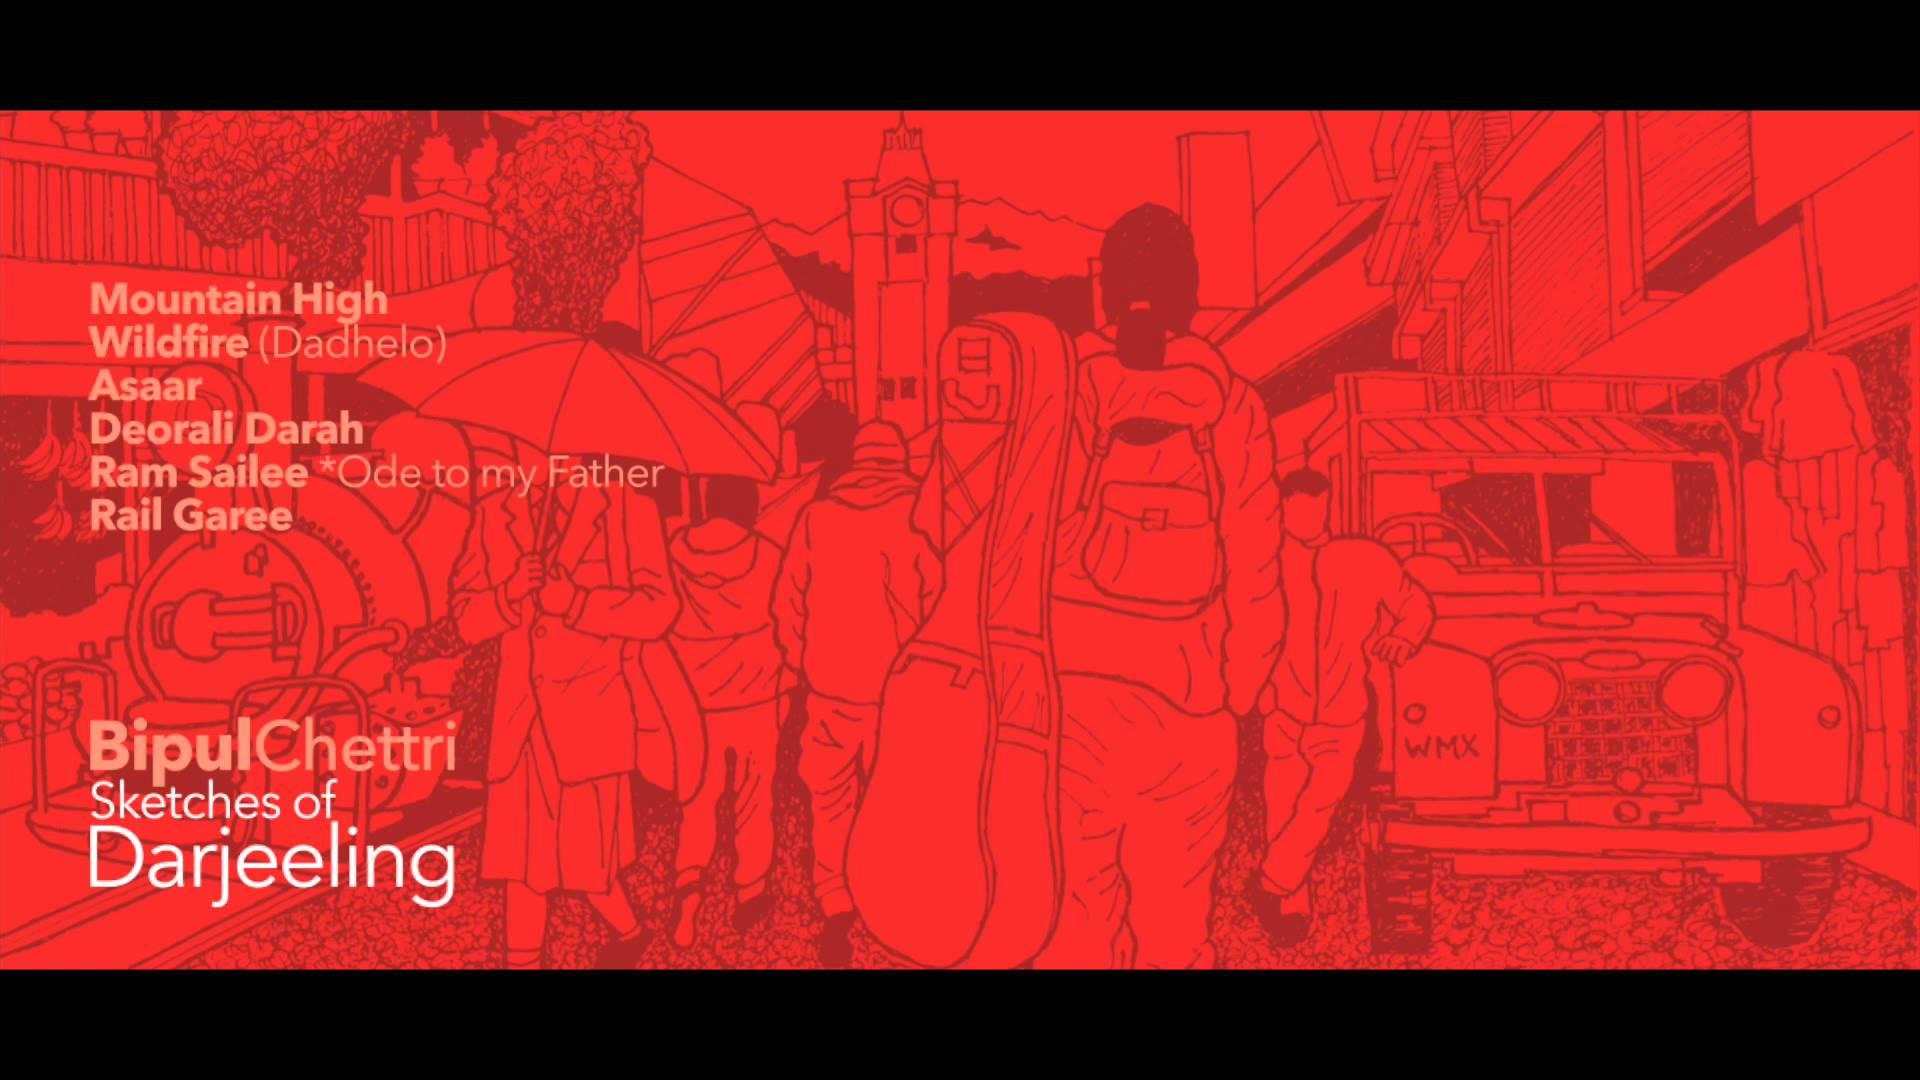 Bipul Chettri album sketches of Dargeeling